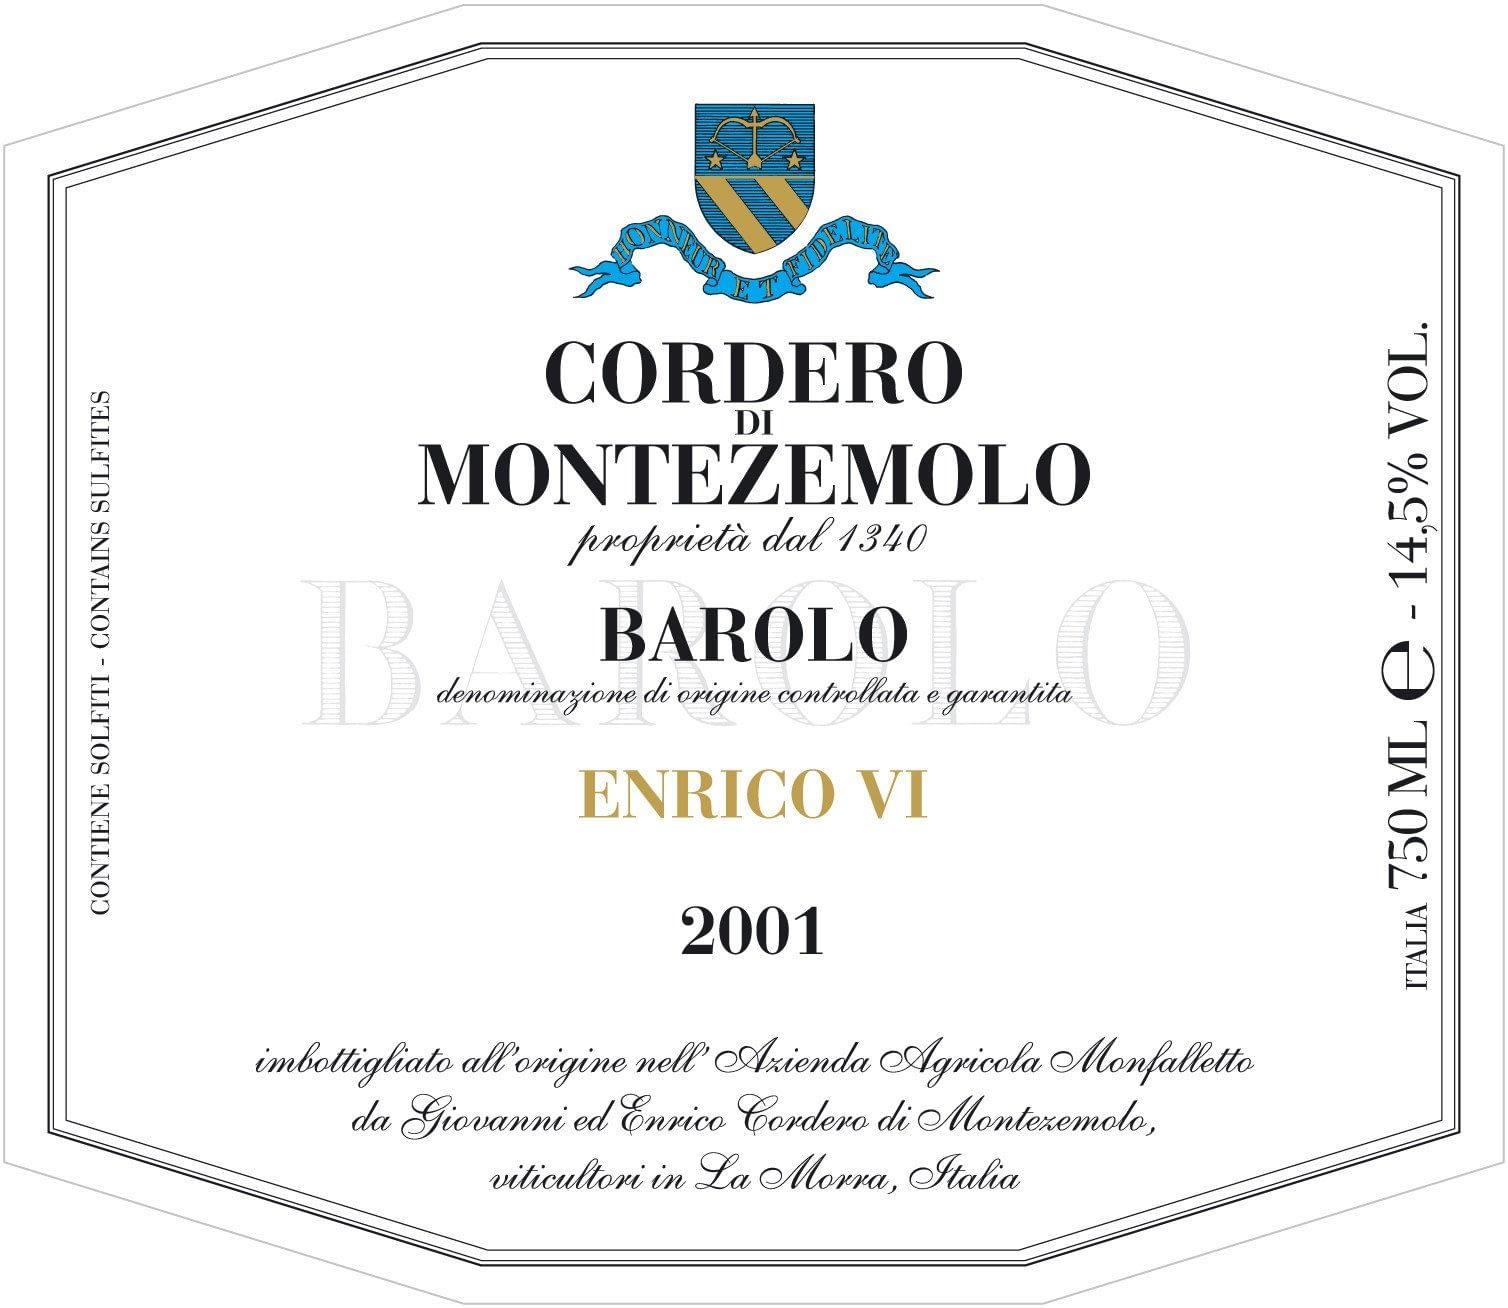 Cordero Barolo Enrico VI 2014